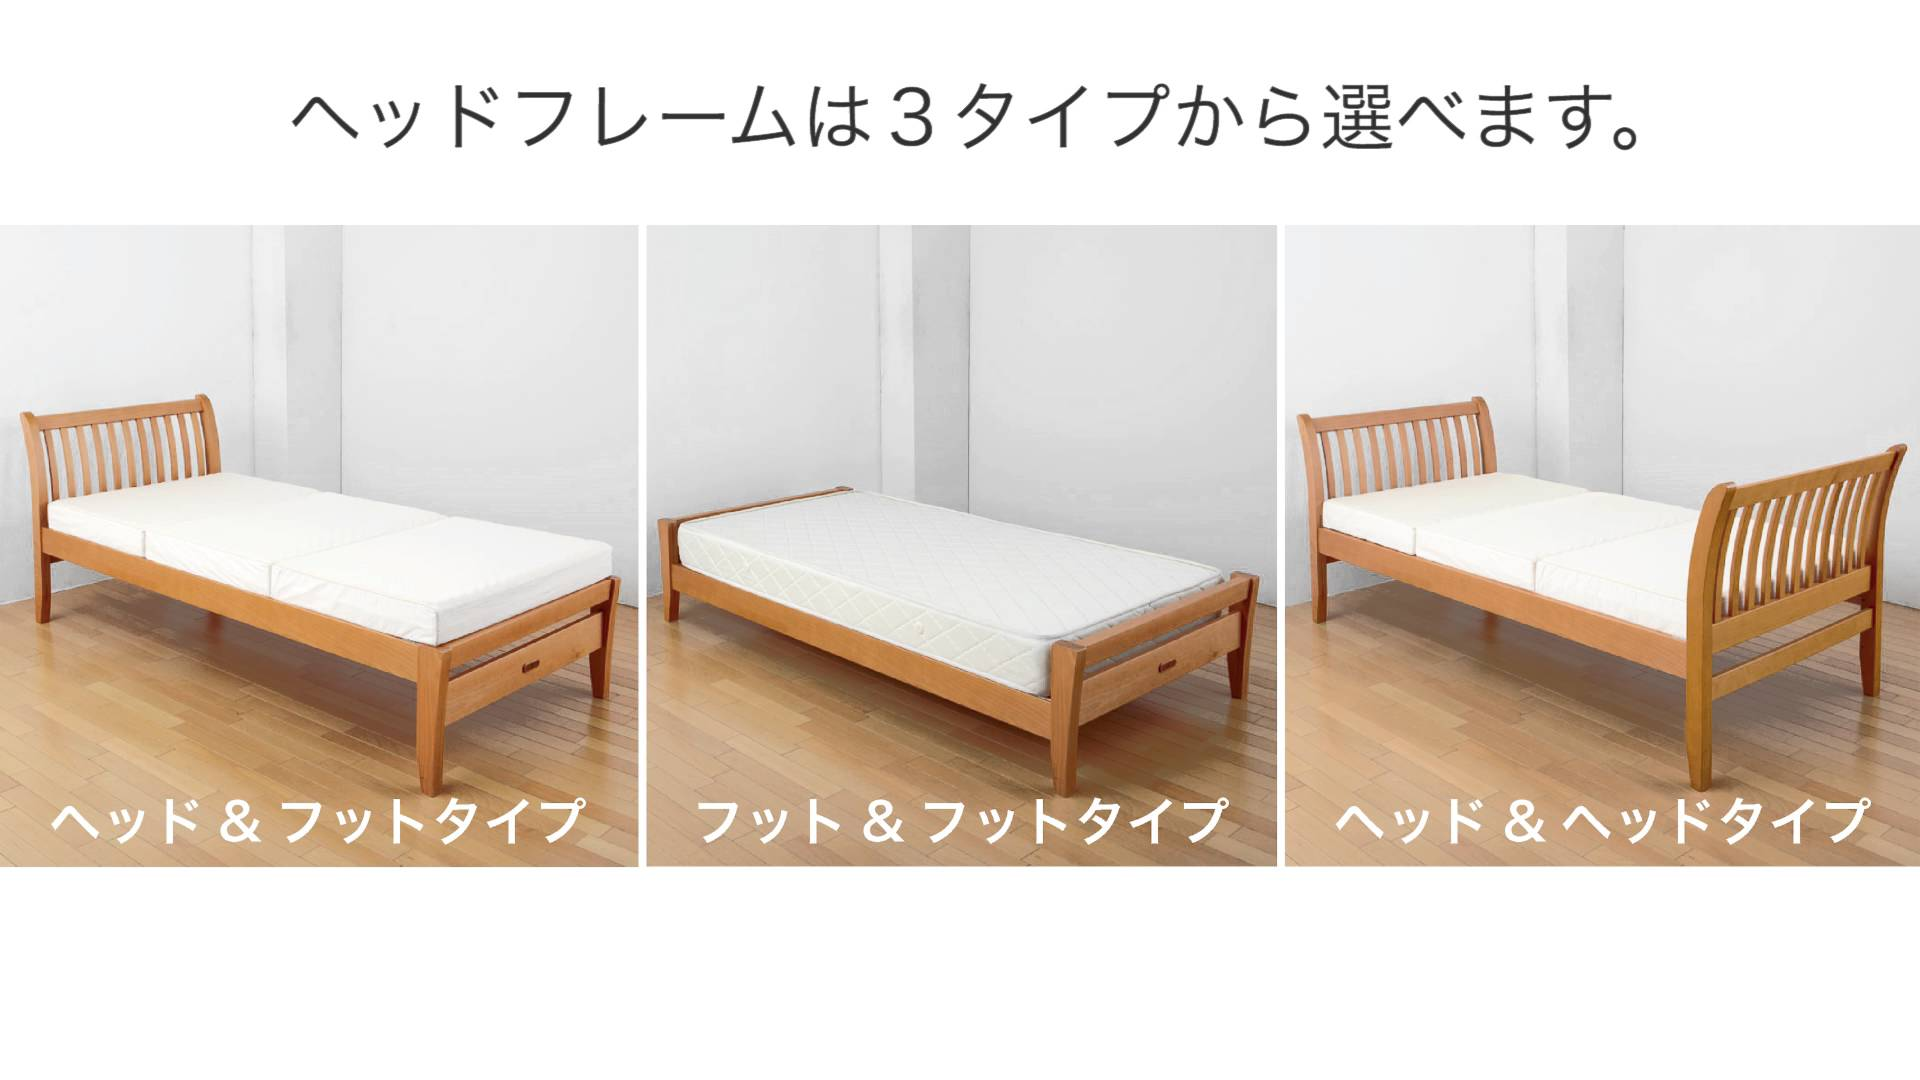 組み立て簡単!高さ2段階 調整ベッド